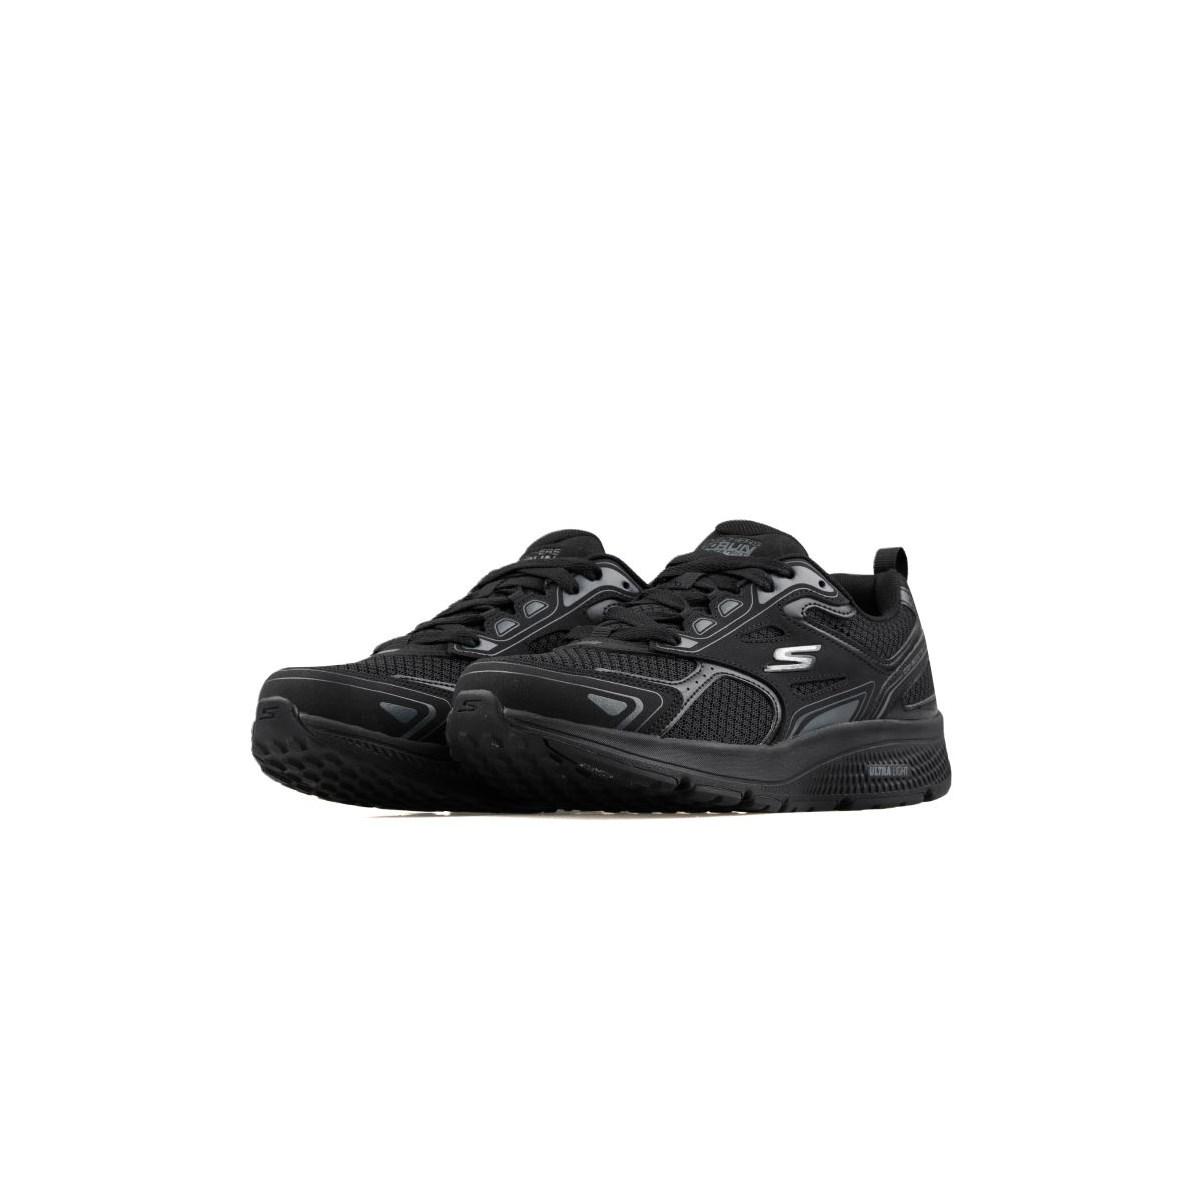 Go Run Consistent Erkek Siyah Koşu Ayakkabısı